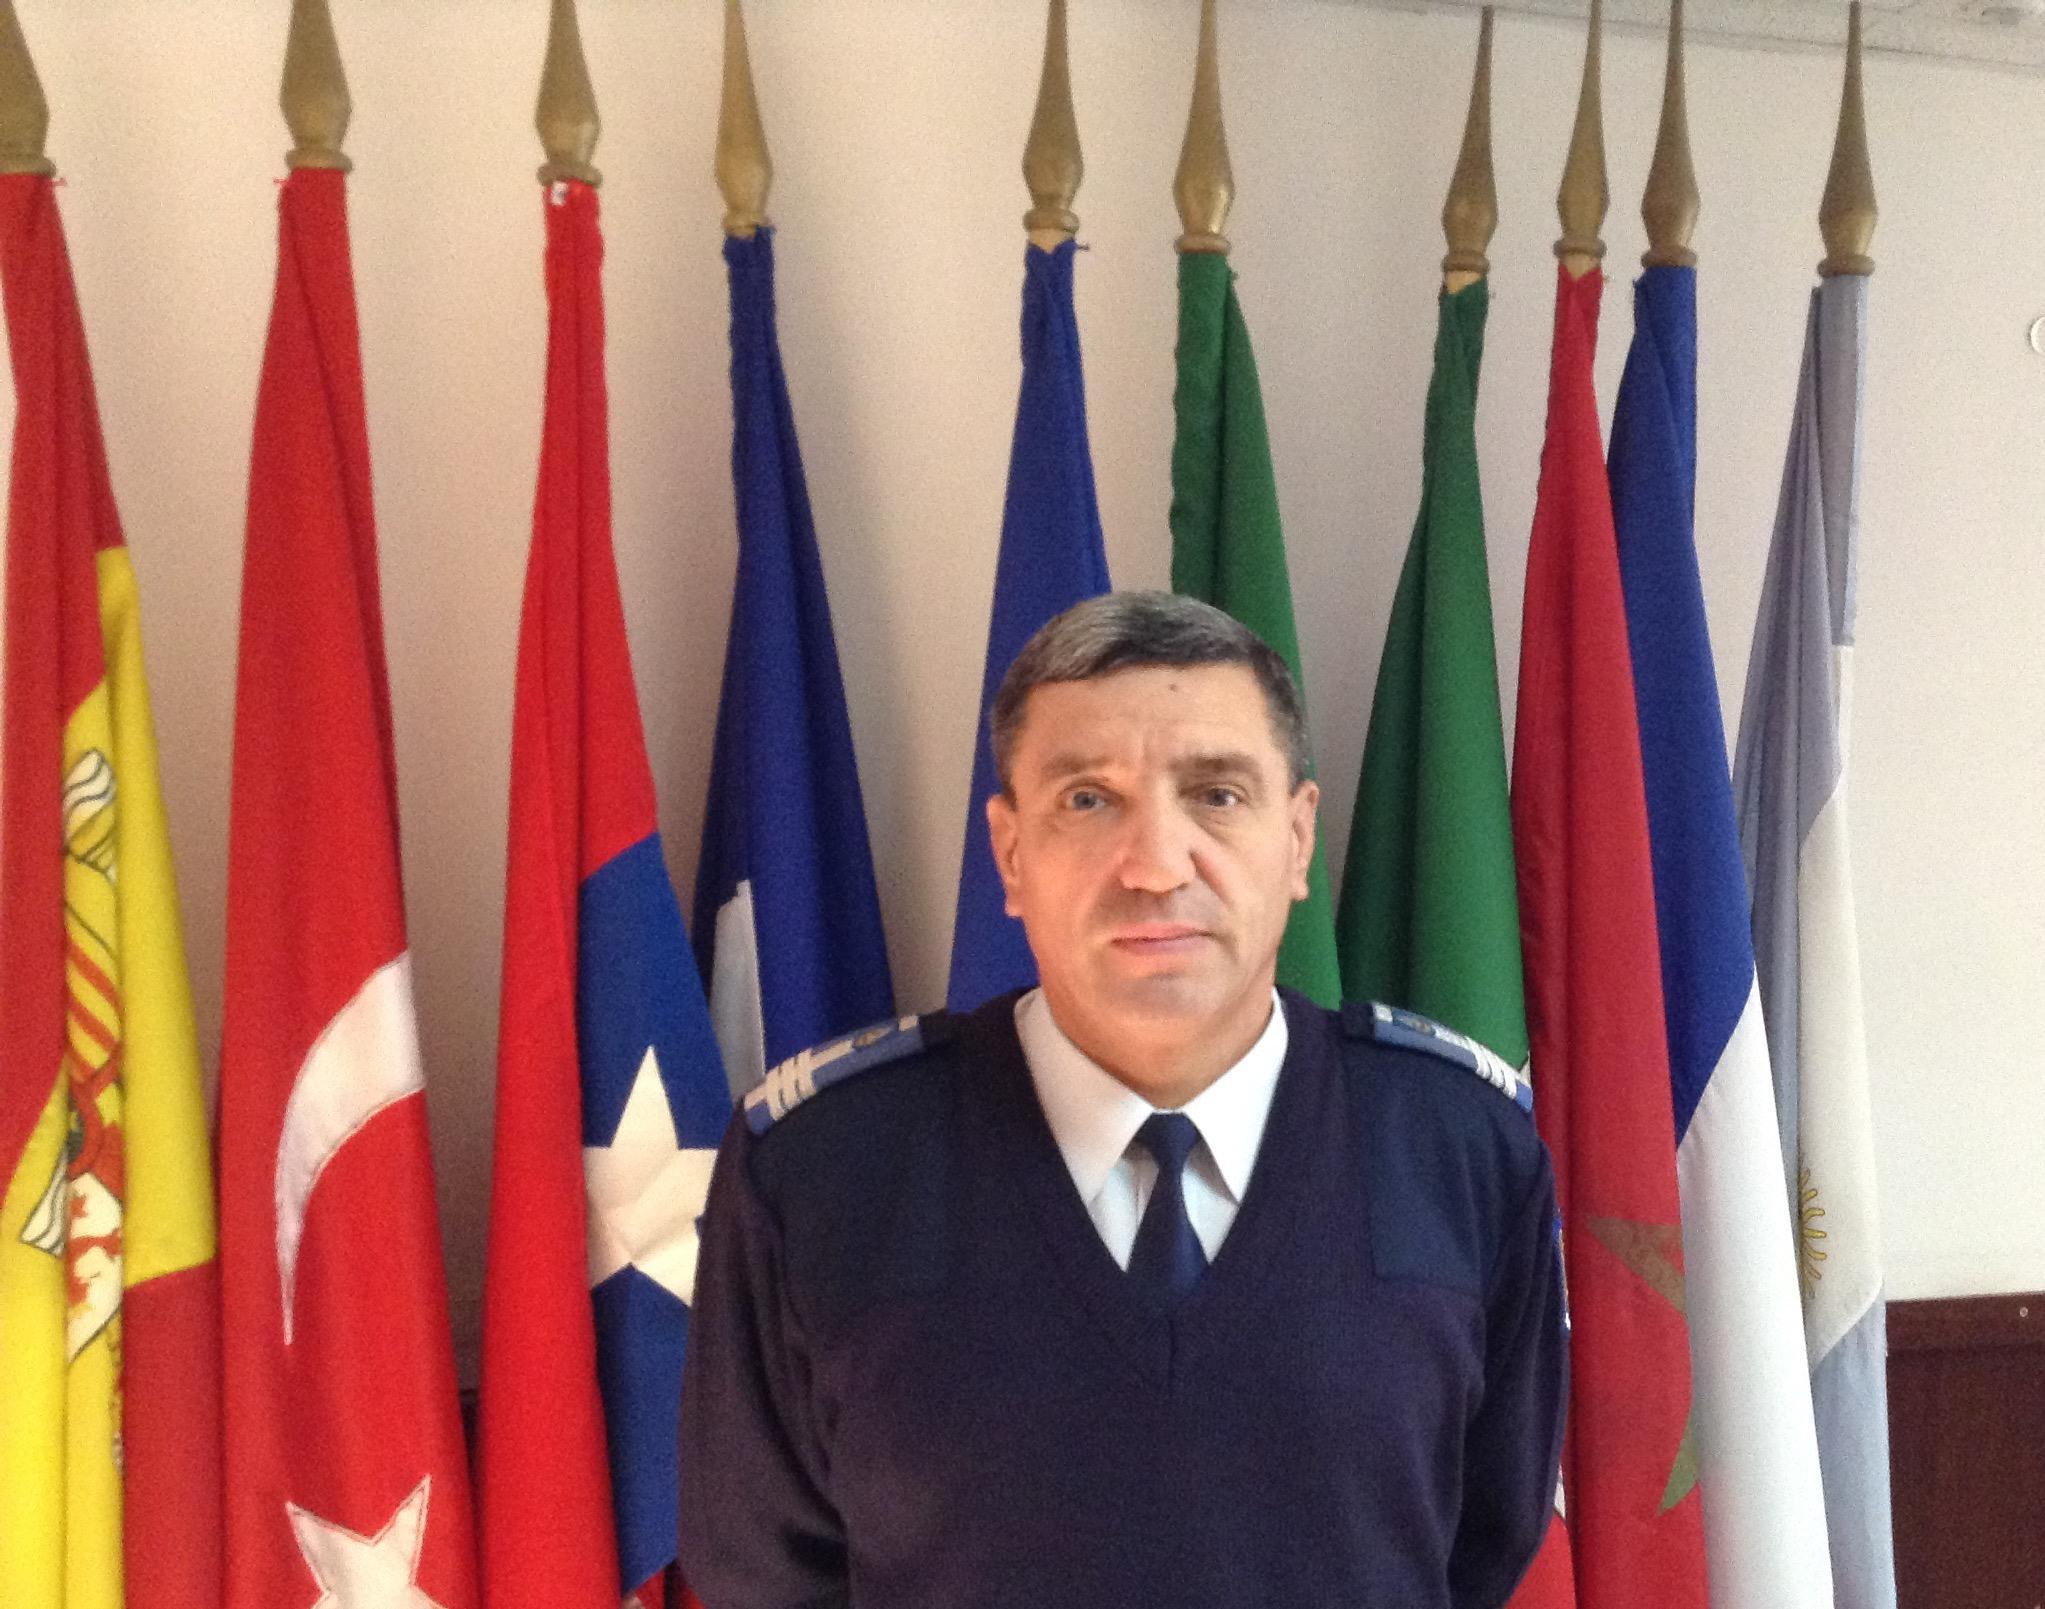 Enache jandarmerie